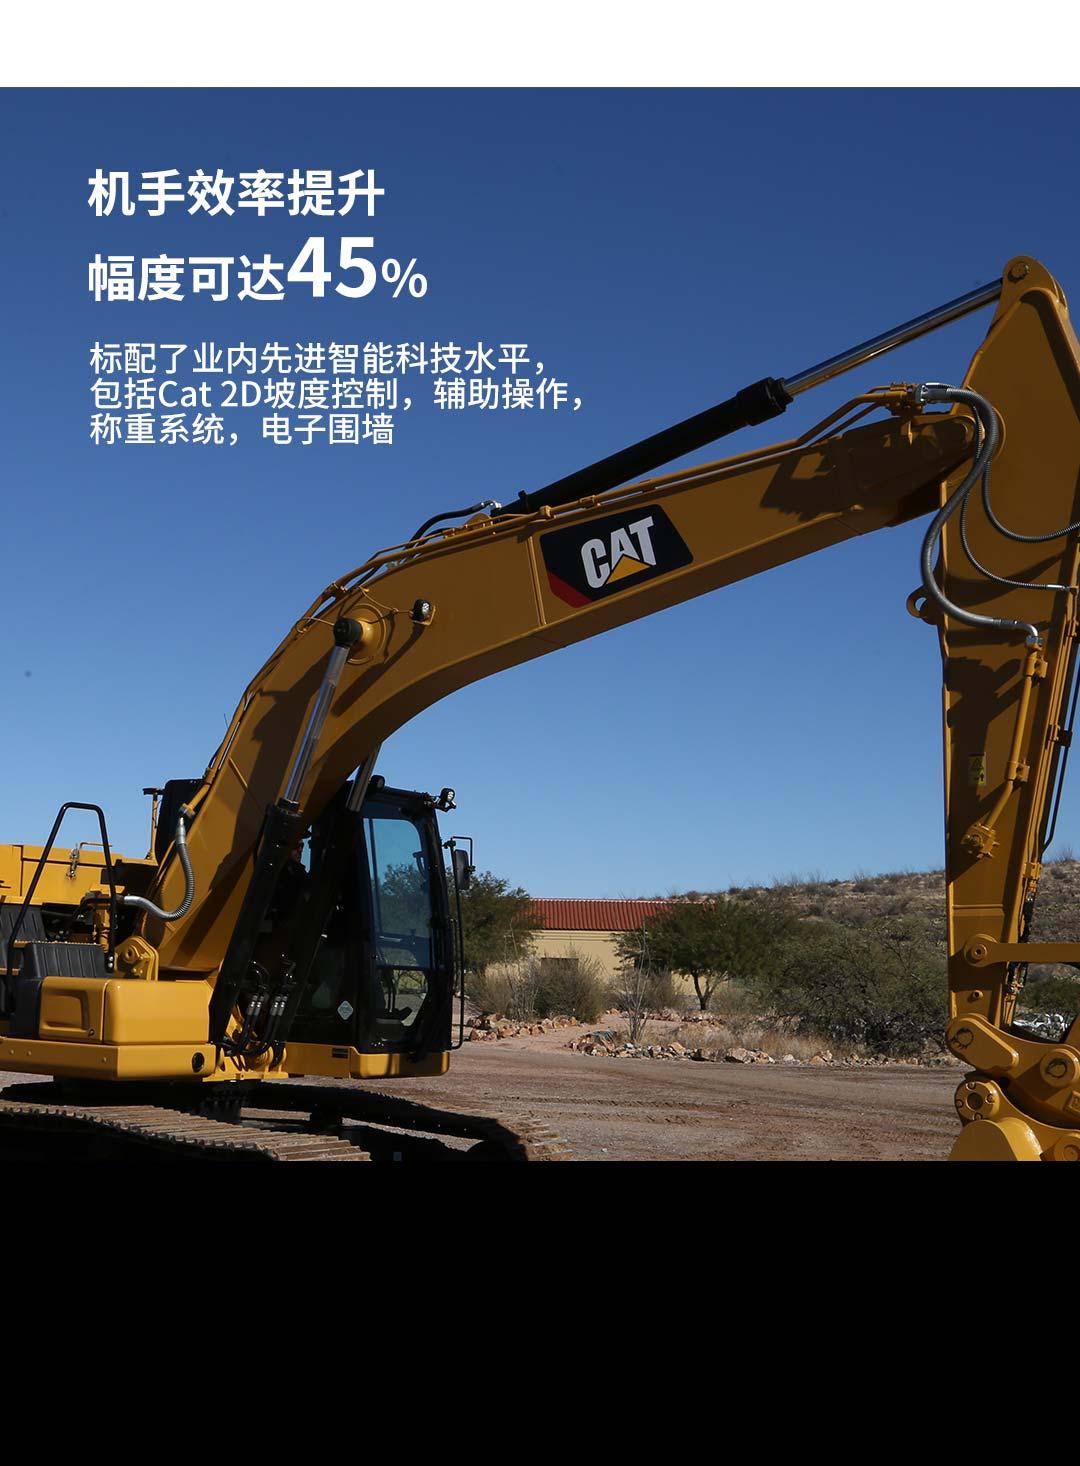 新一代CAT®323 液压挖掘机